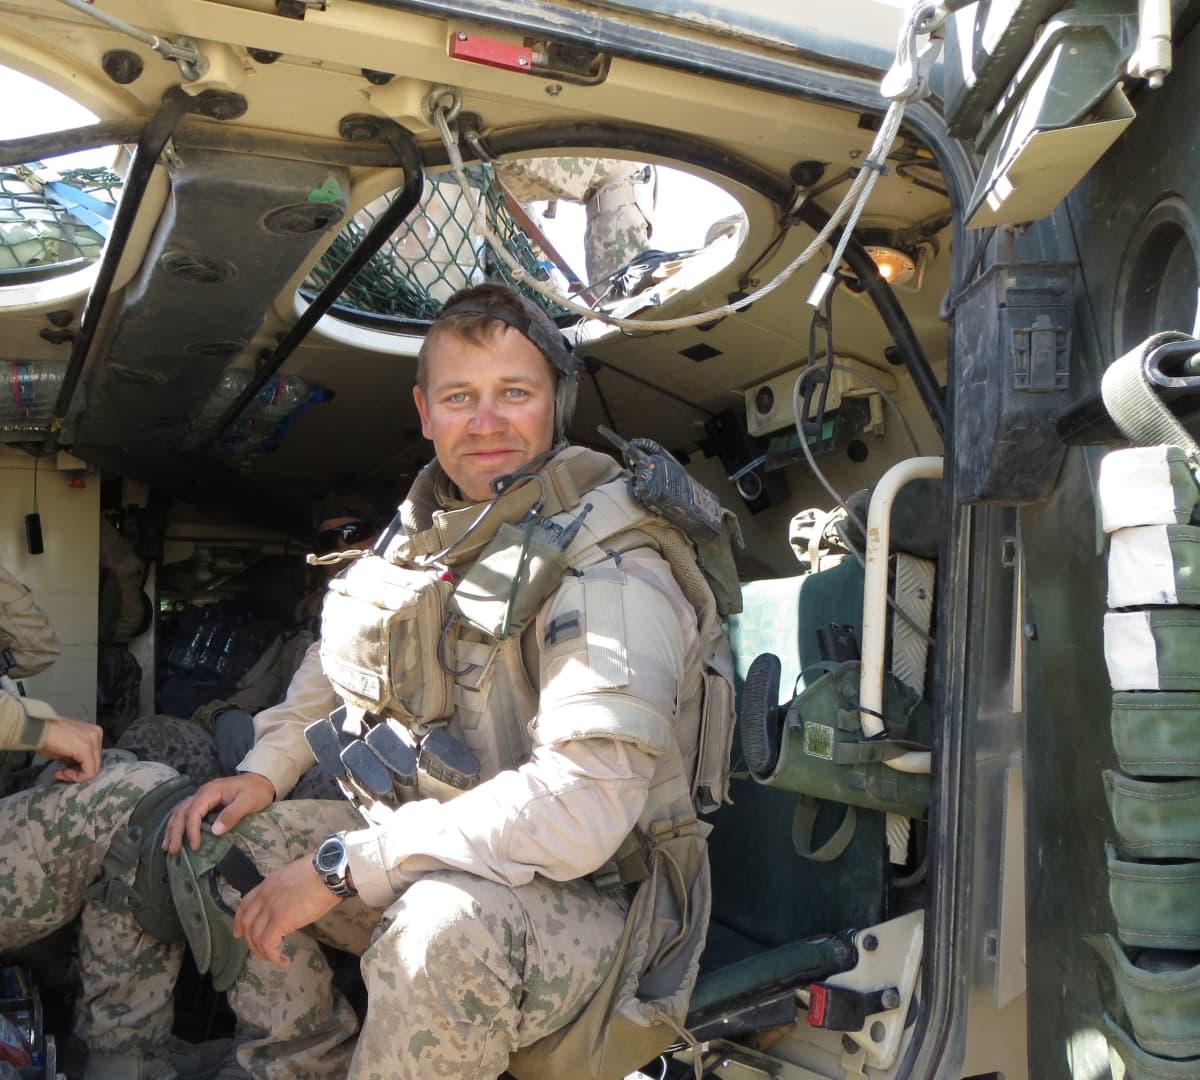 Maastopukuinen rauhanturvaaja istuu panssariajoneuvon takana paljain päin, katsoo kameraan ja hymyilee.